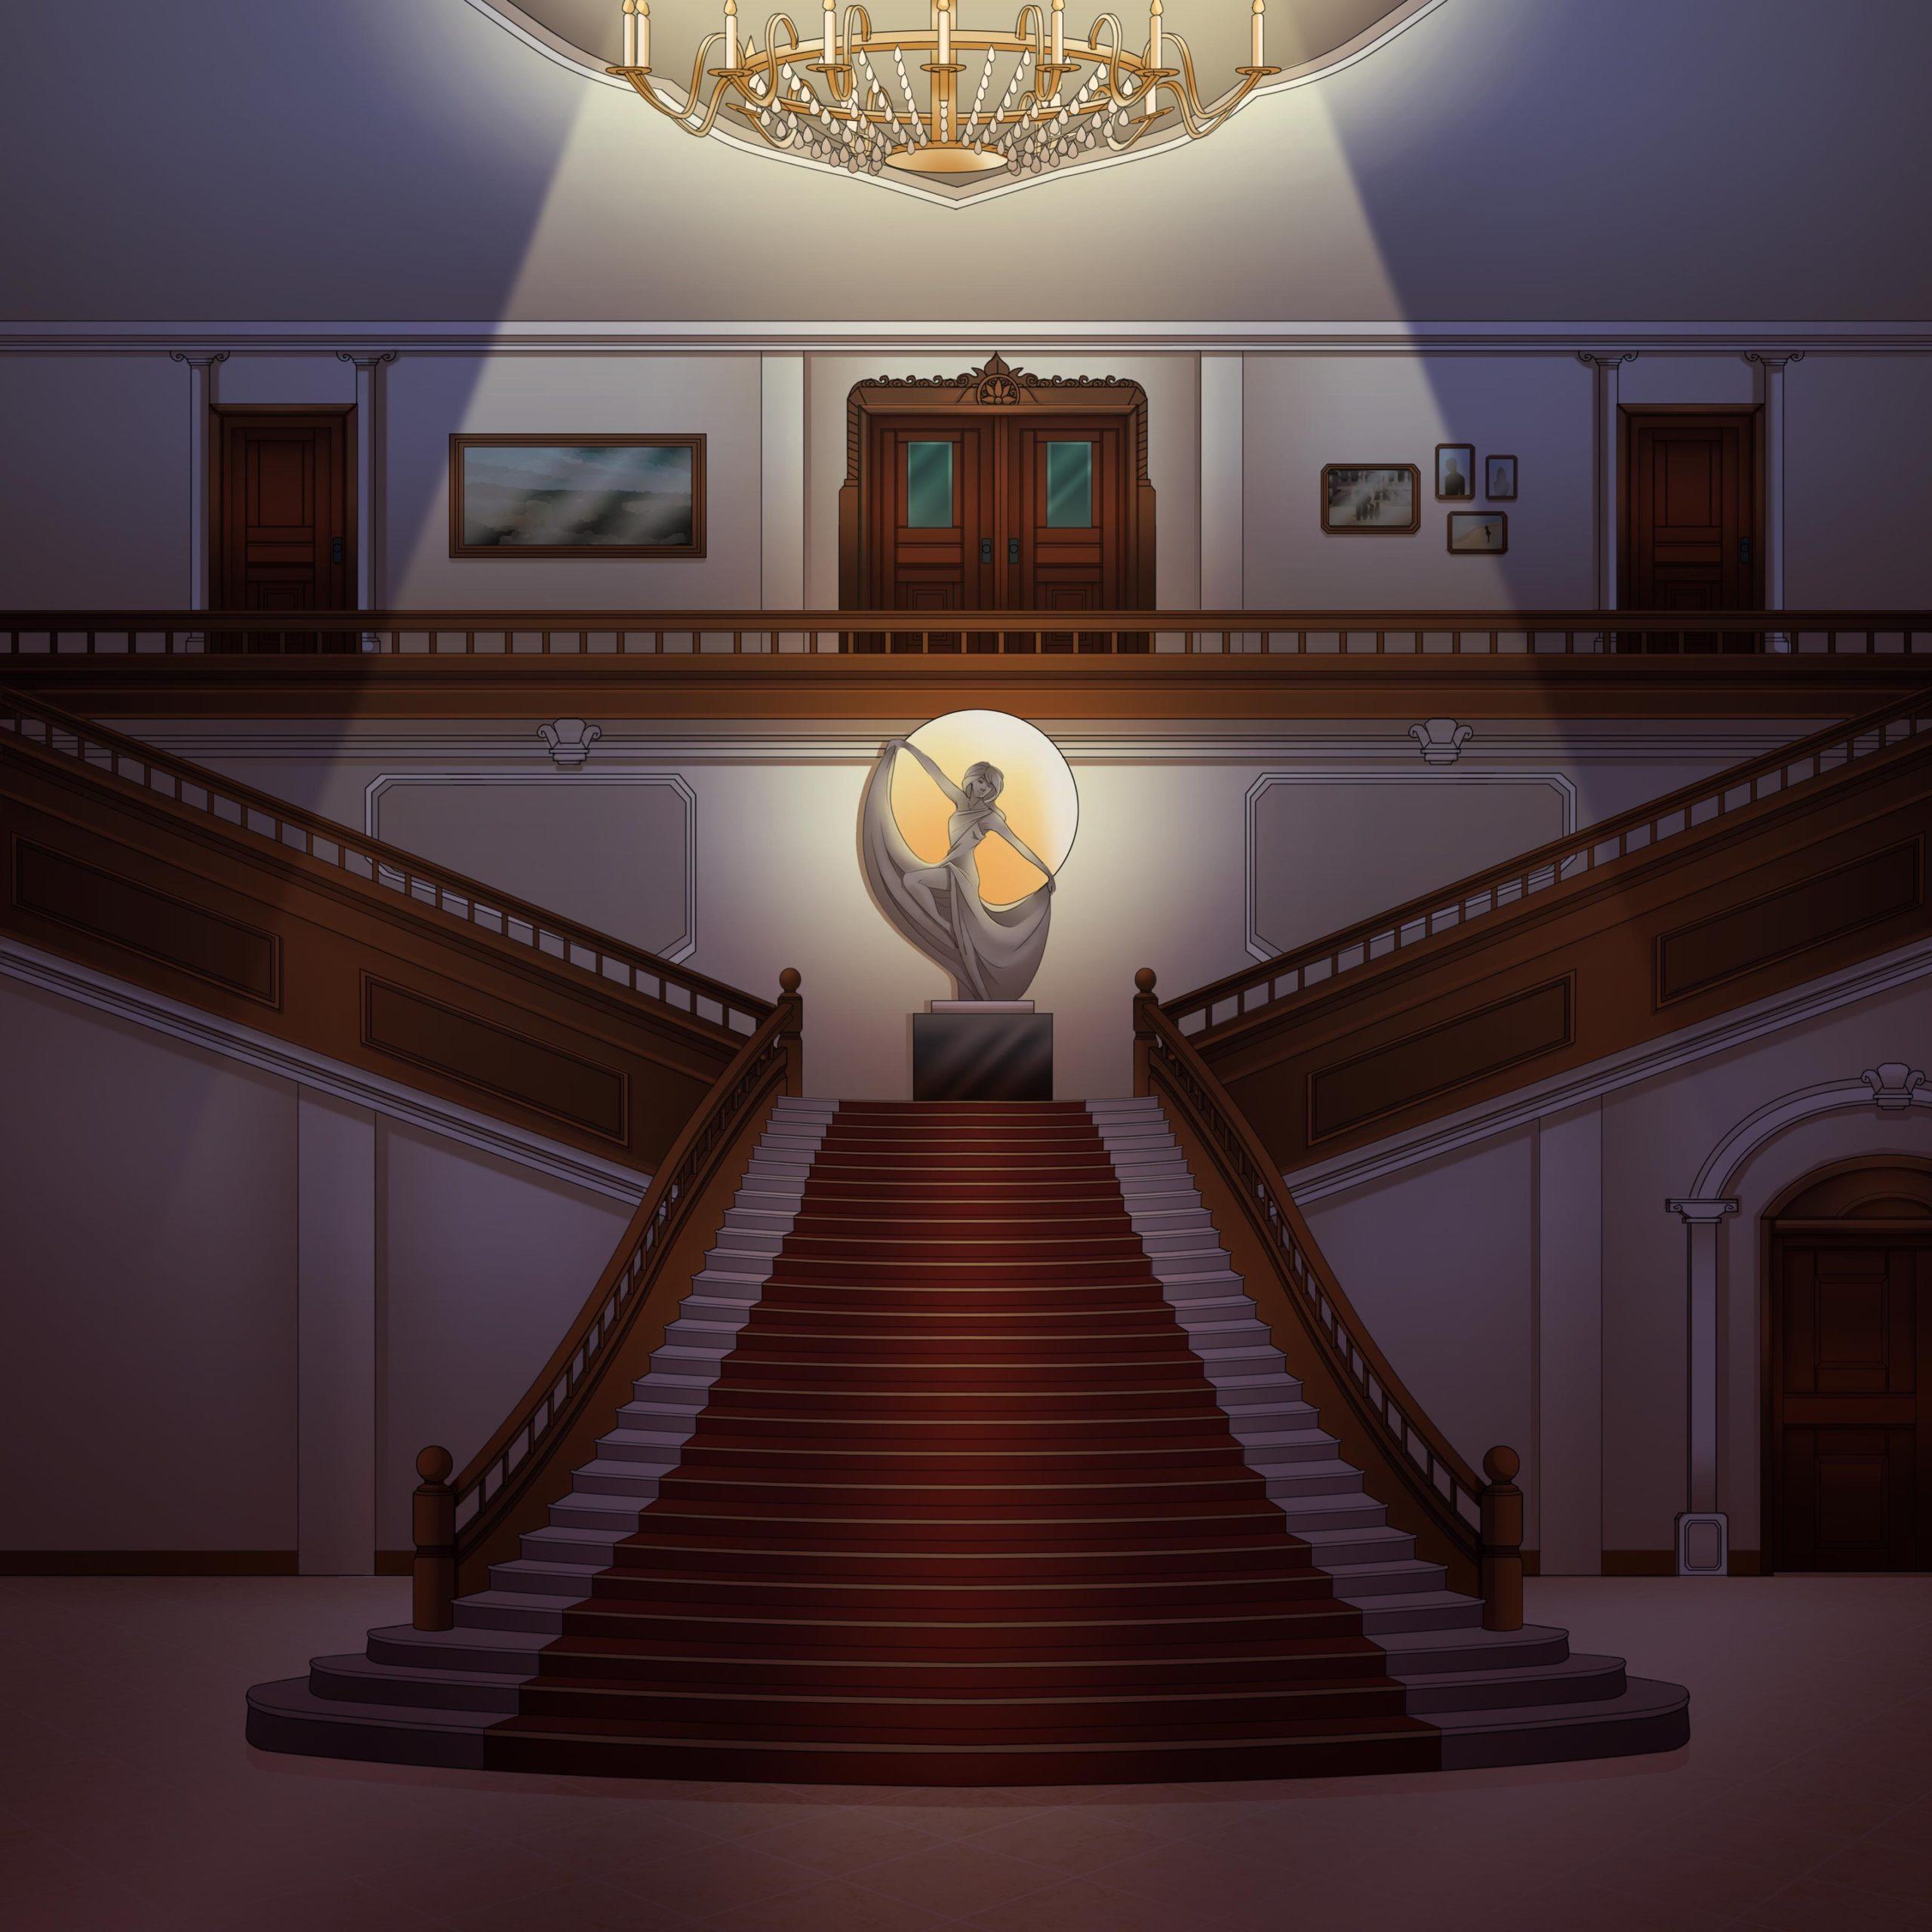 Nicolae personnage de Is It Love et vue d'un hall de nuit